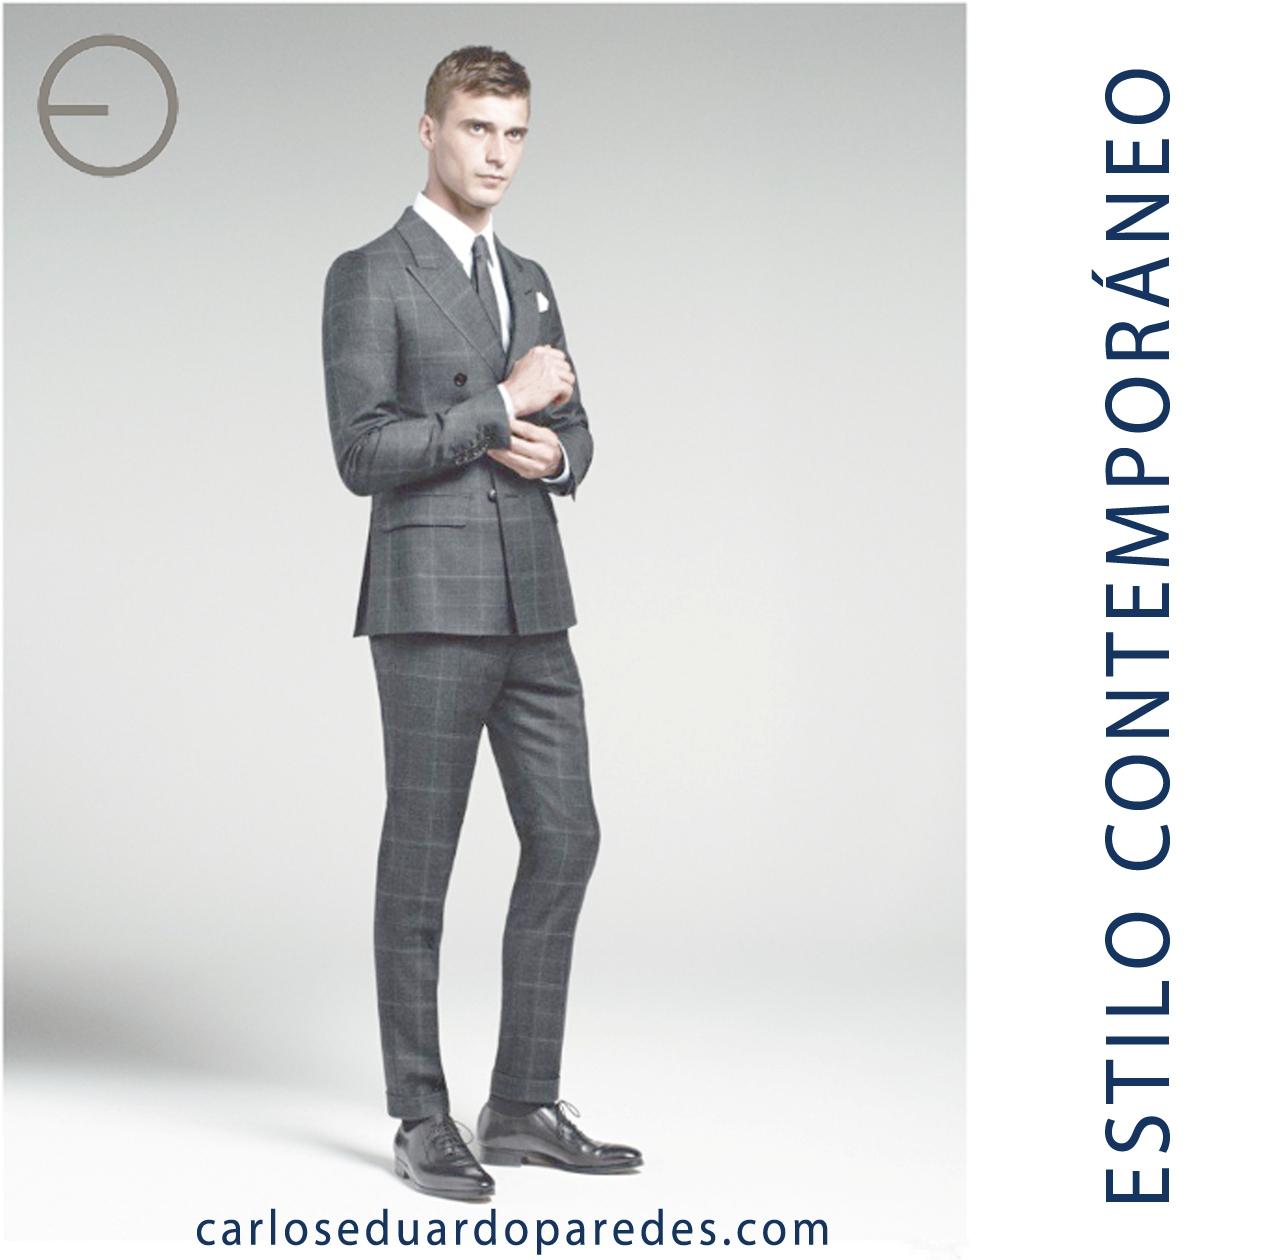 Los estilos de vestimenta de un caballero el blog que for Estilo contemporaneo moda